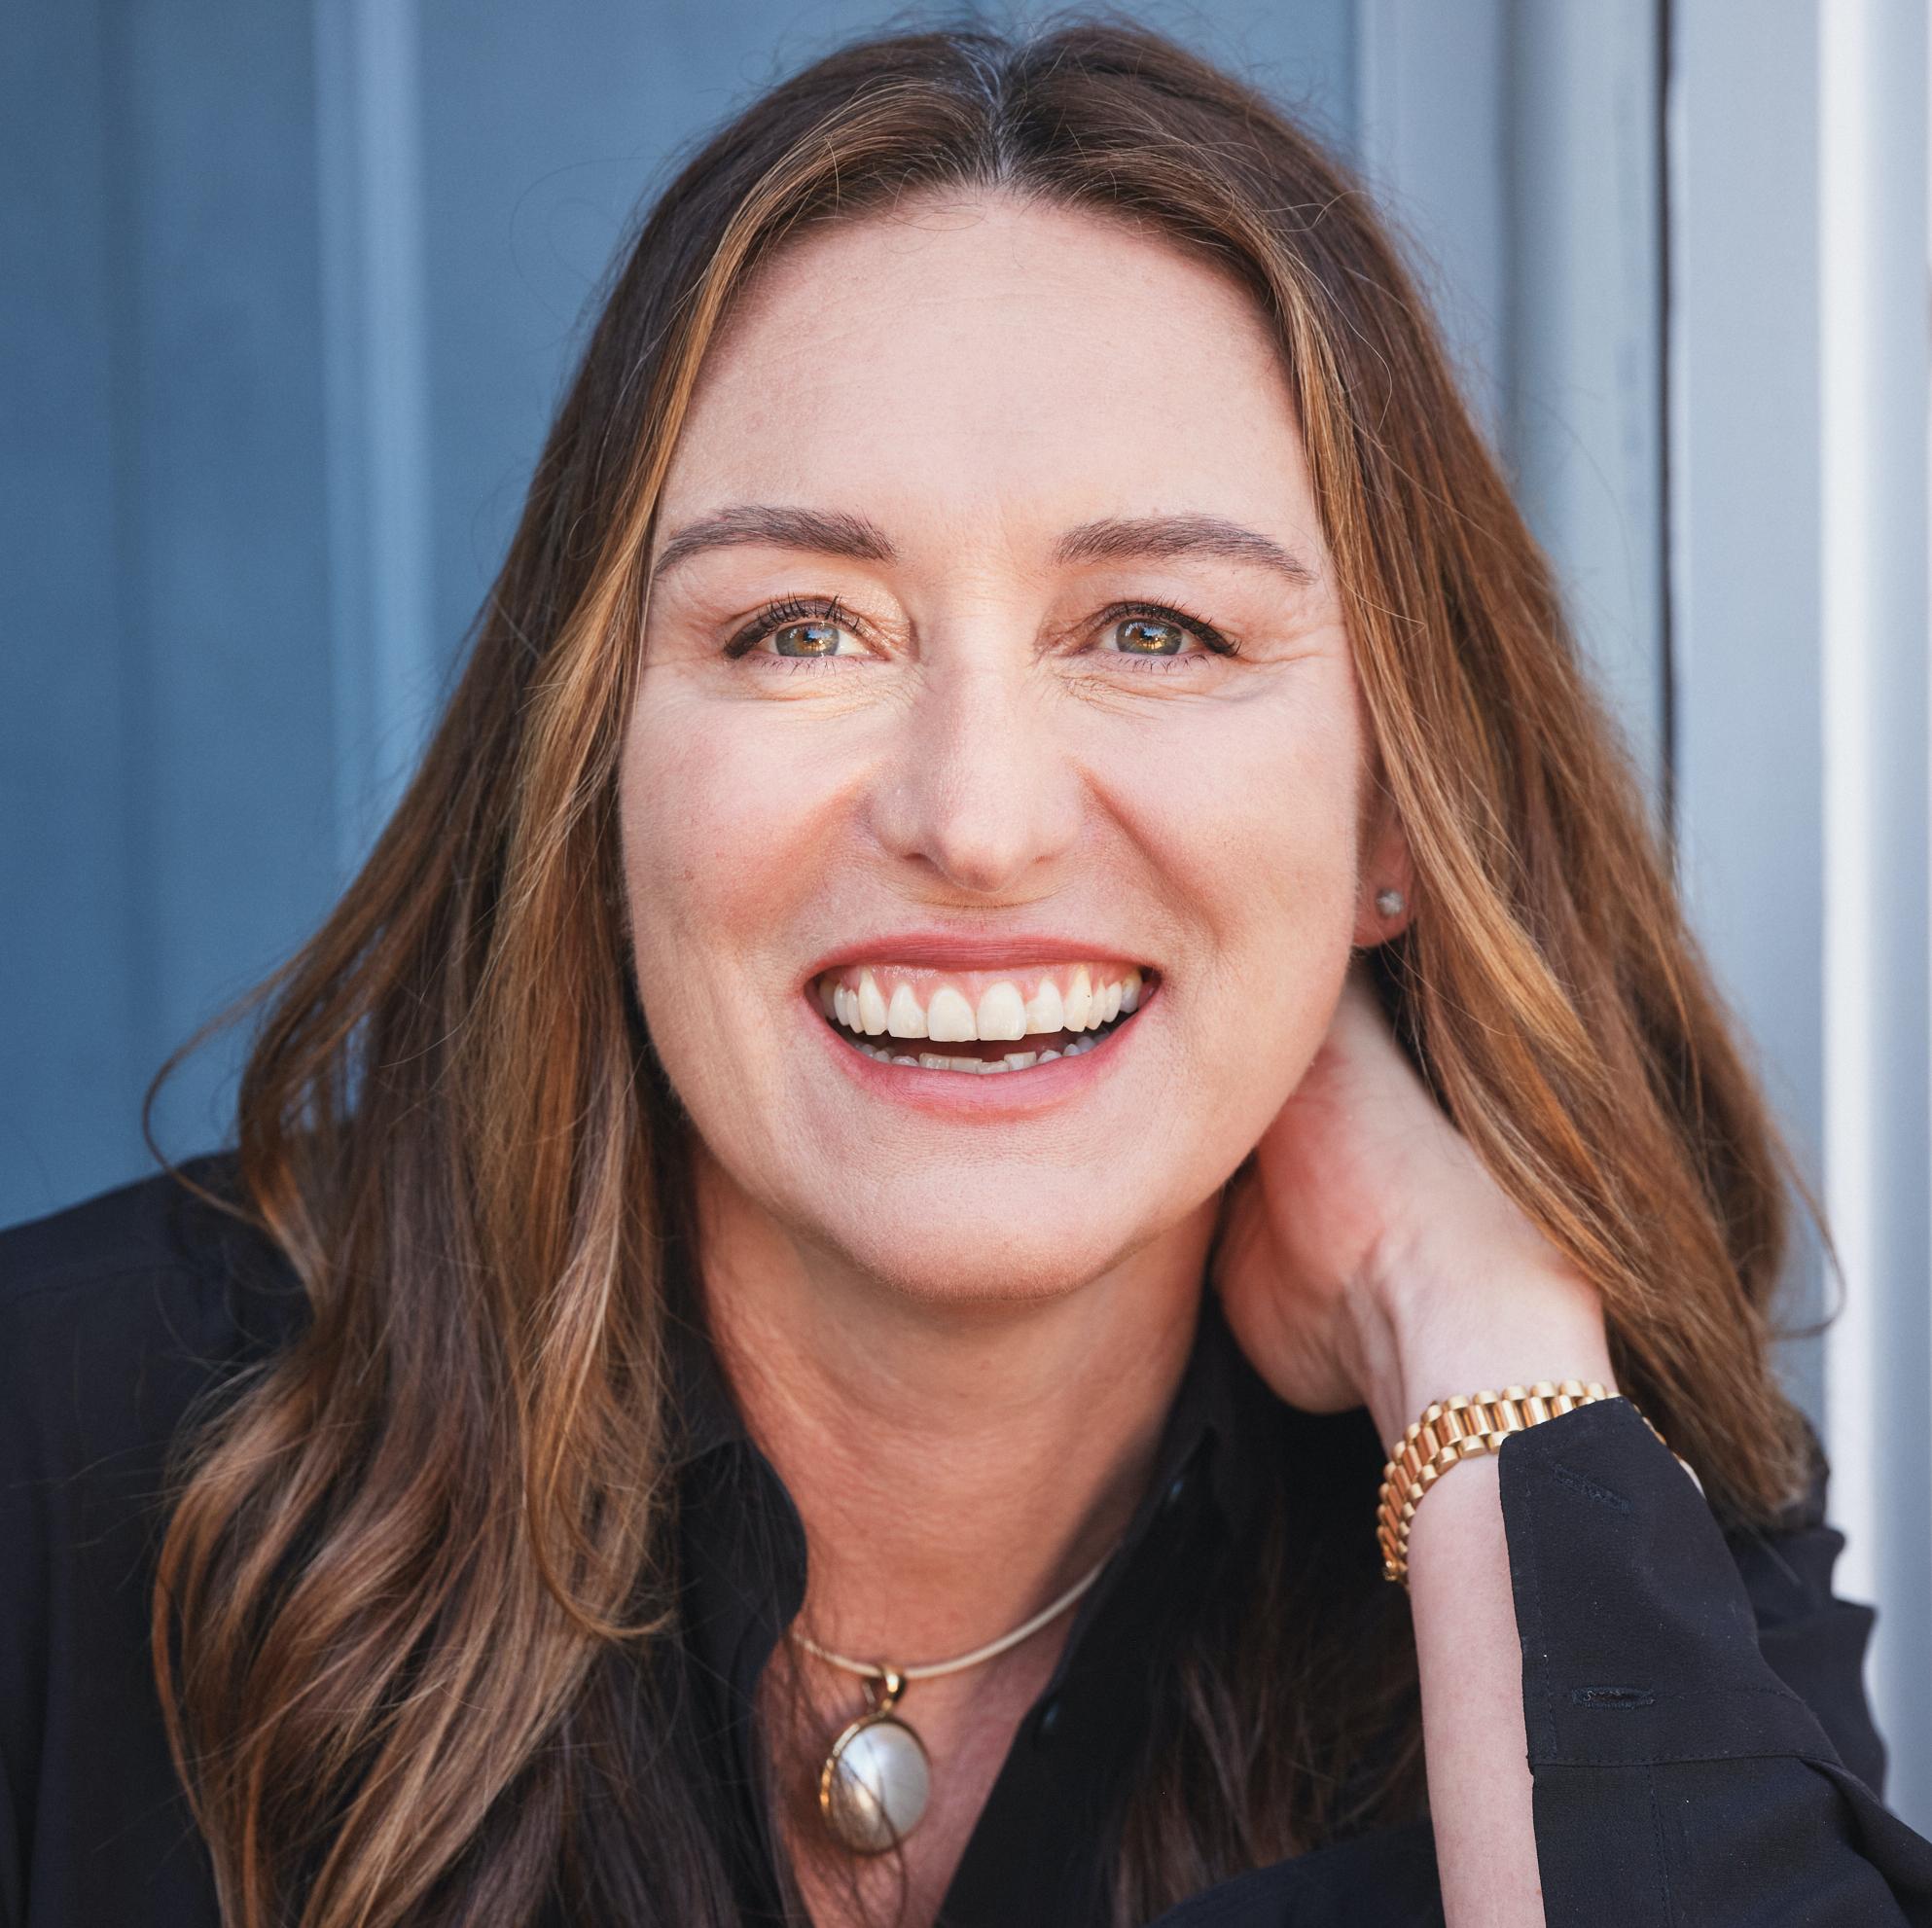 Sophie Kelly